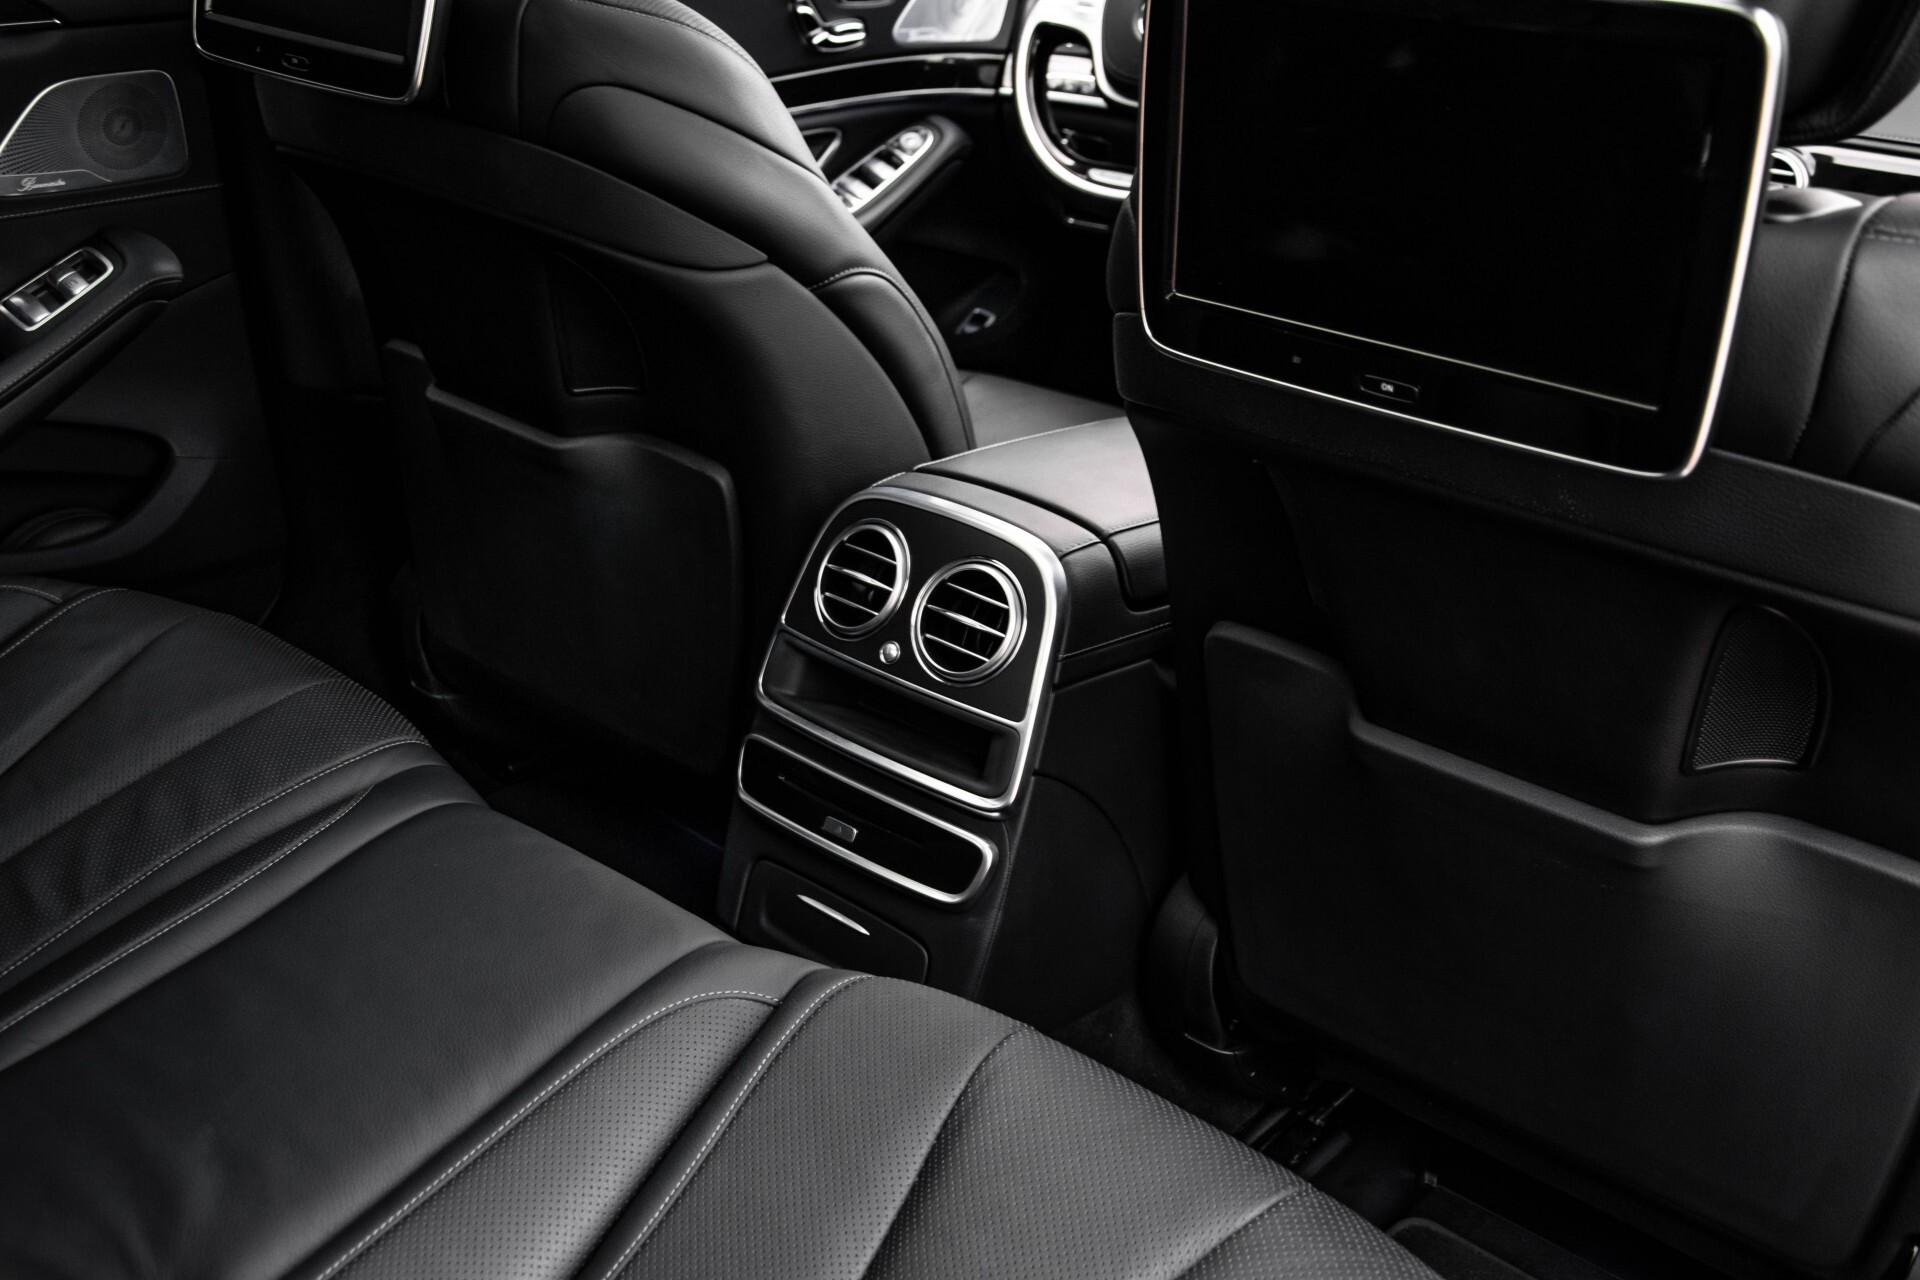 Mercedes-Benz S-Klasse 500 4M AMG Panorama/Standkachel/Massage/Entertainment/TV Aut7 Foto 52